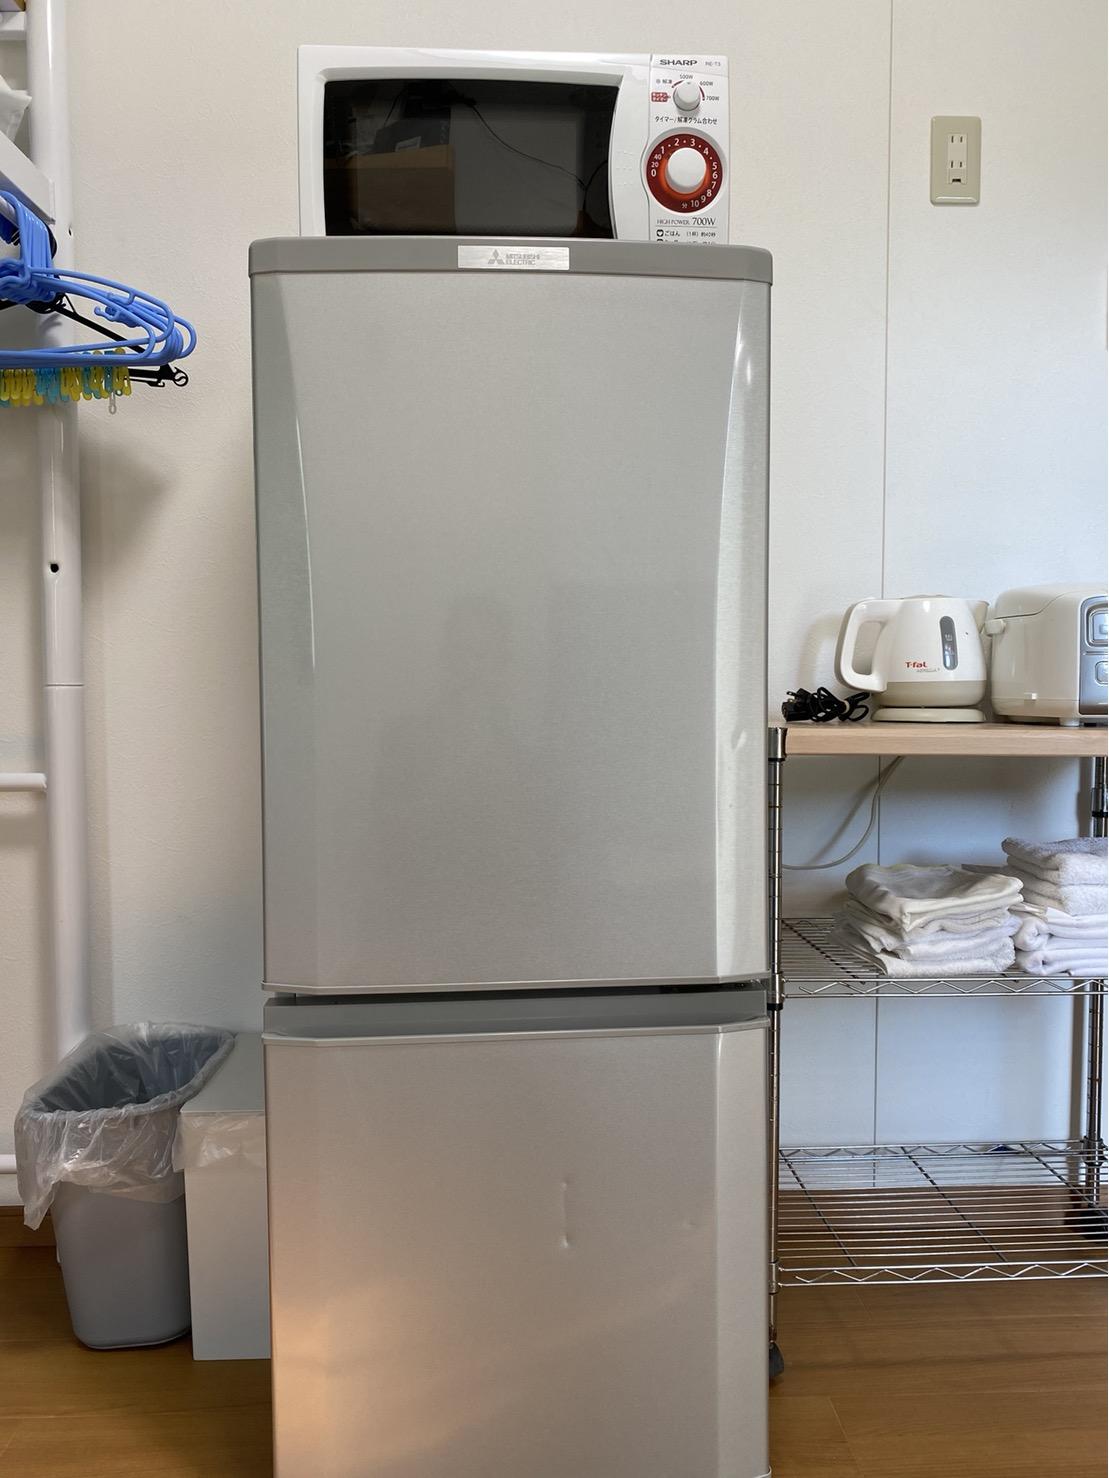 冷蔵後、電子レンジ、炊飯器をはじめ調理家電、調理器具なども揃えています